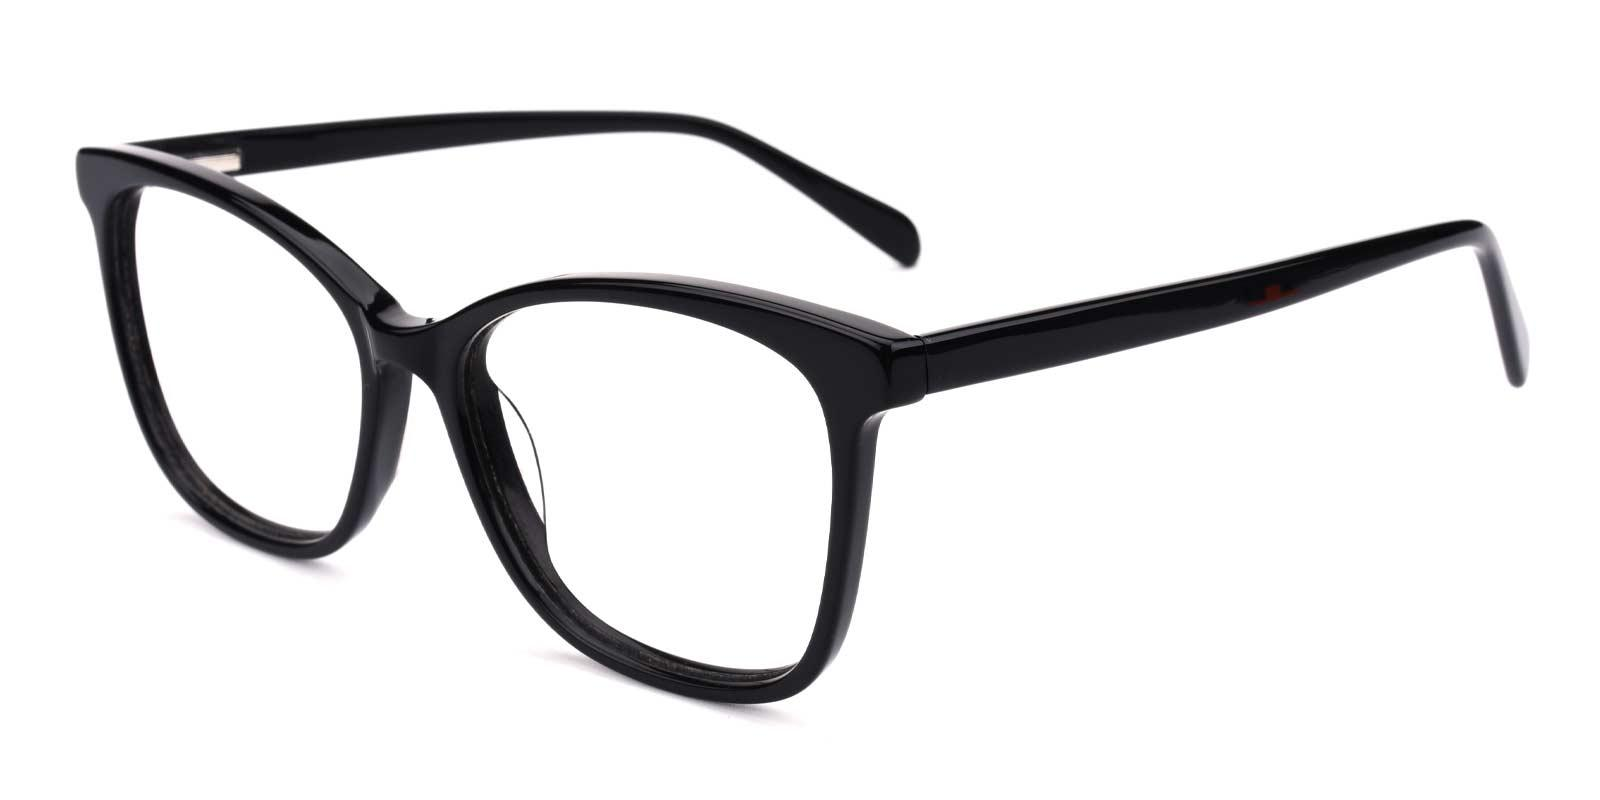 Poppy-Black-Square-Acetate-Eyeglasses-detail